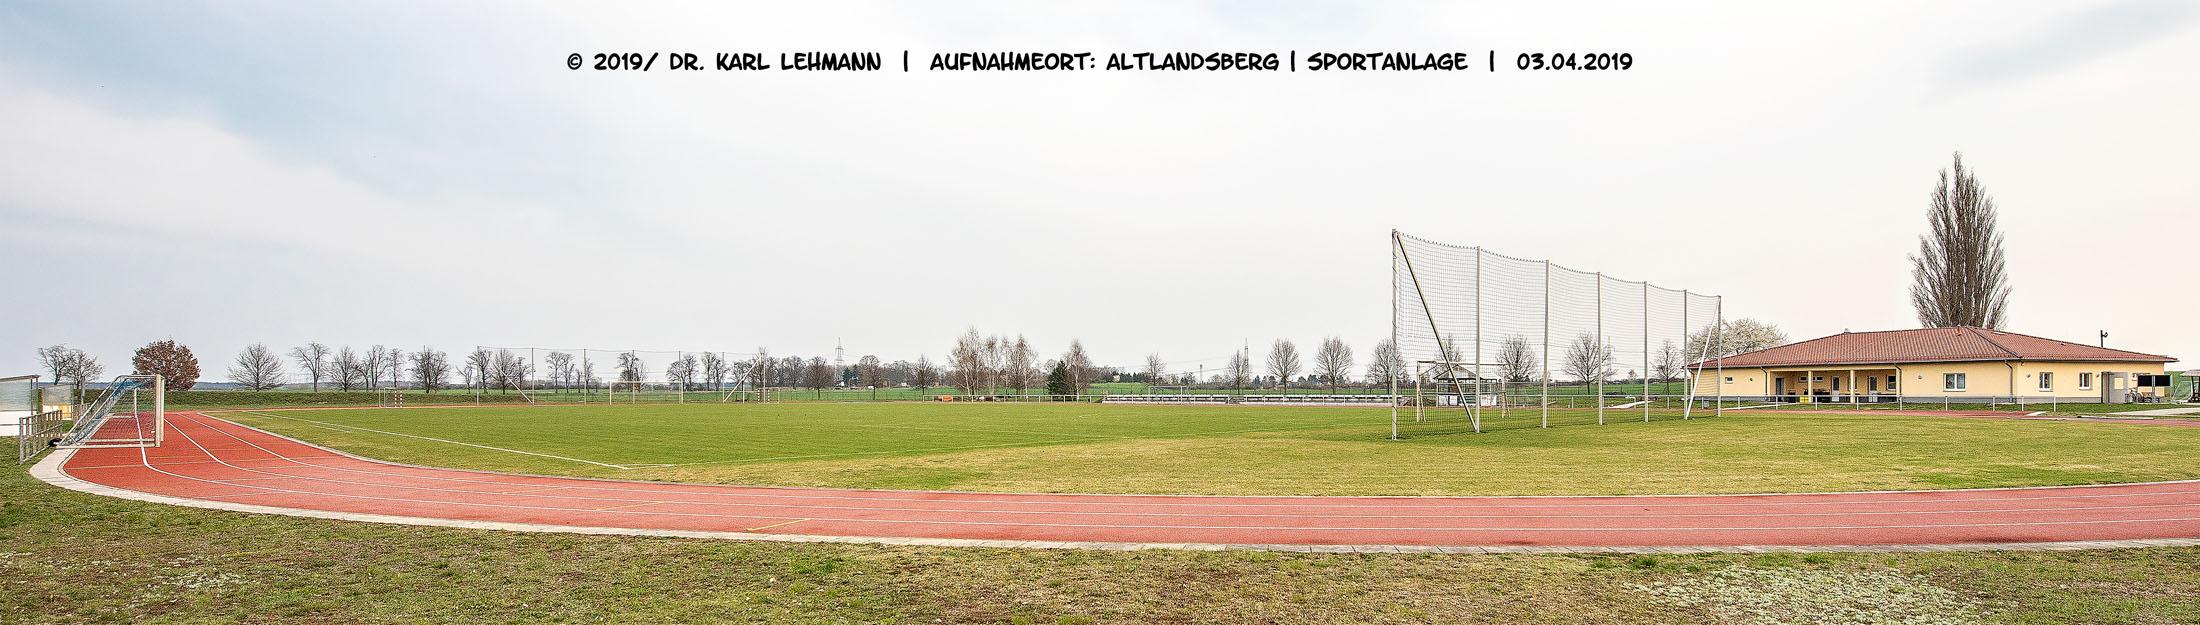 KJS Saisonstart in Altlandsberg Header